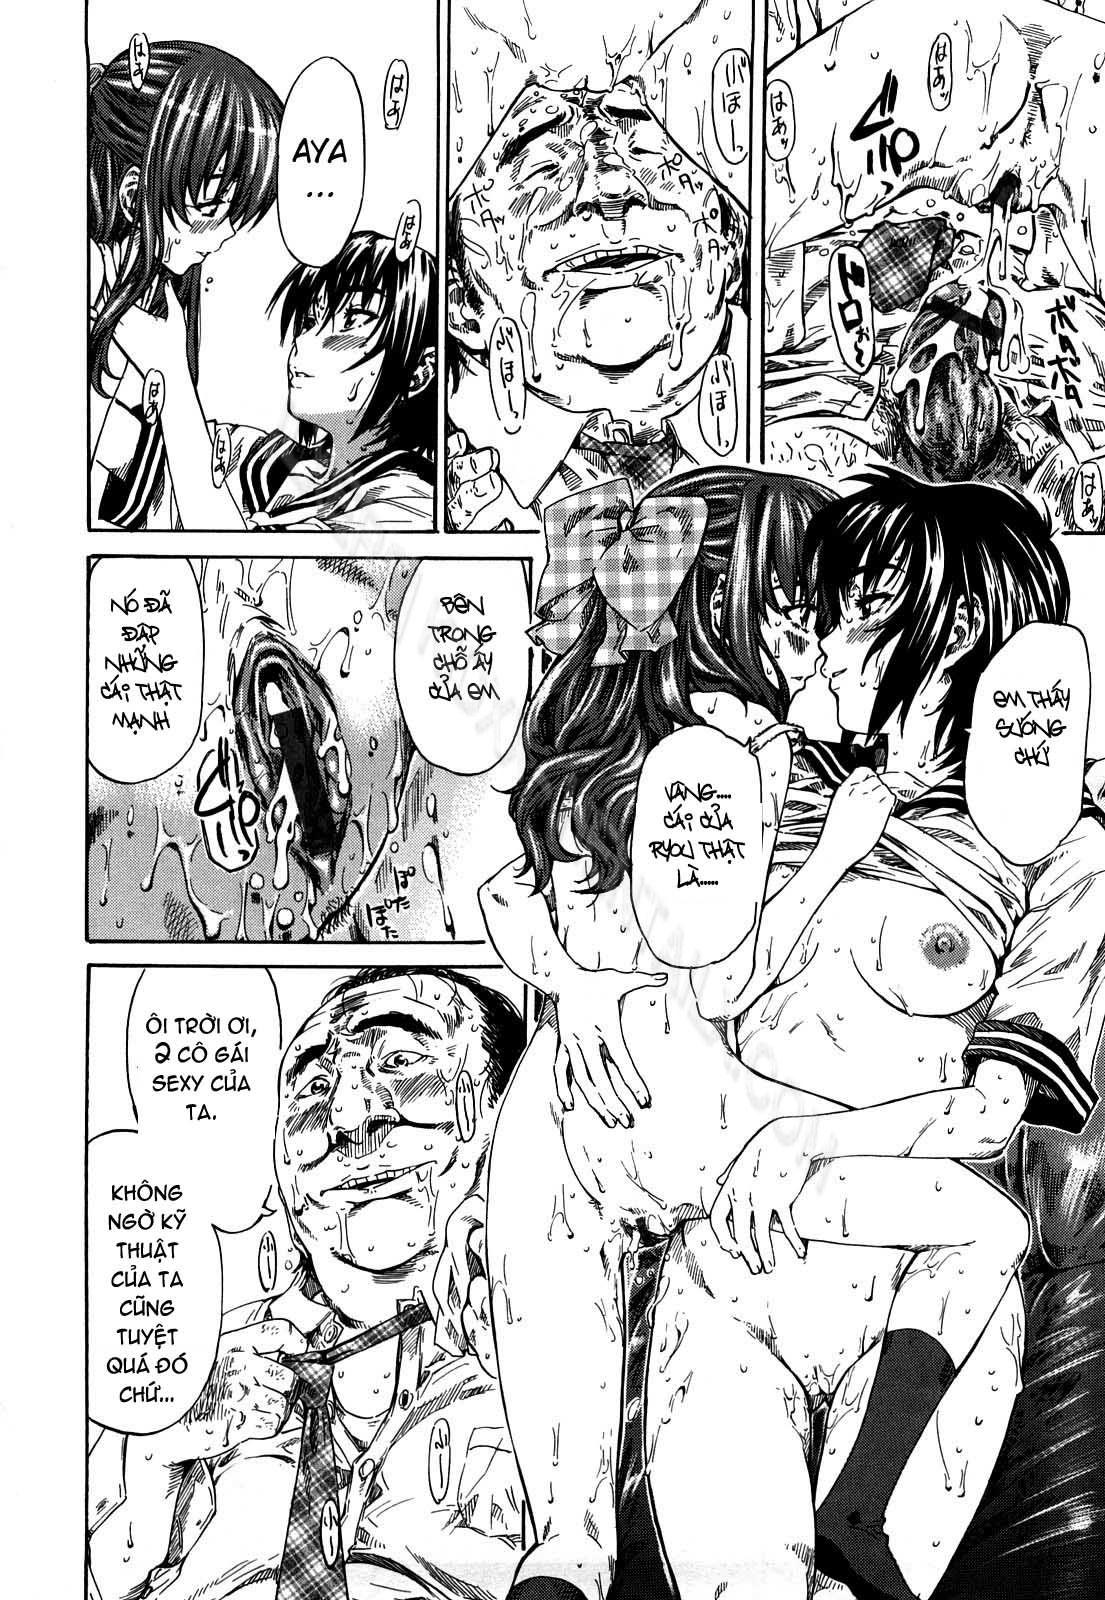 Hình ảnh 124kanojo ga koibito wo suki trong bài viết Hãy thức tỉnh thú tính dâm dục trong em